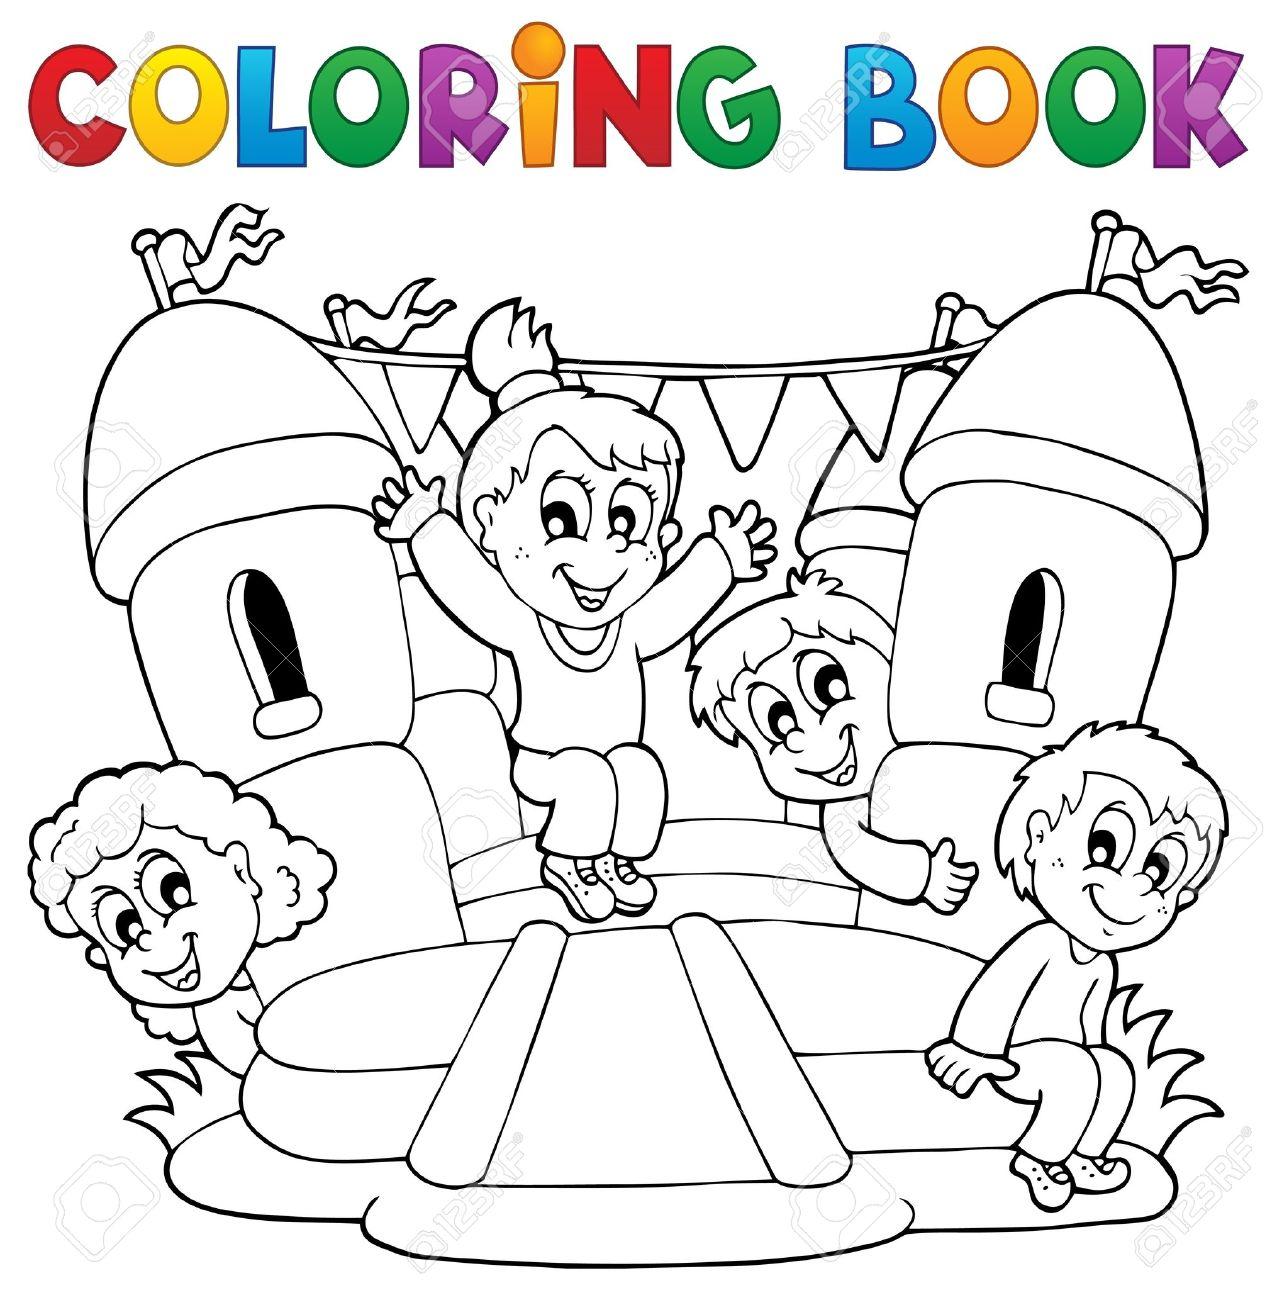 ぬりえの本子供再生テーマ 5のイラスト素材ベクタ Image 19647664